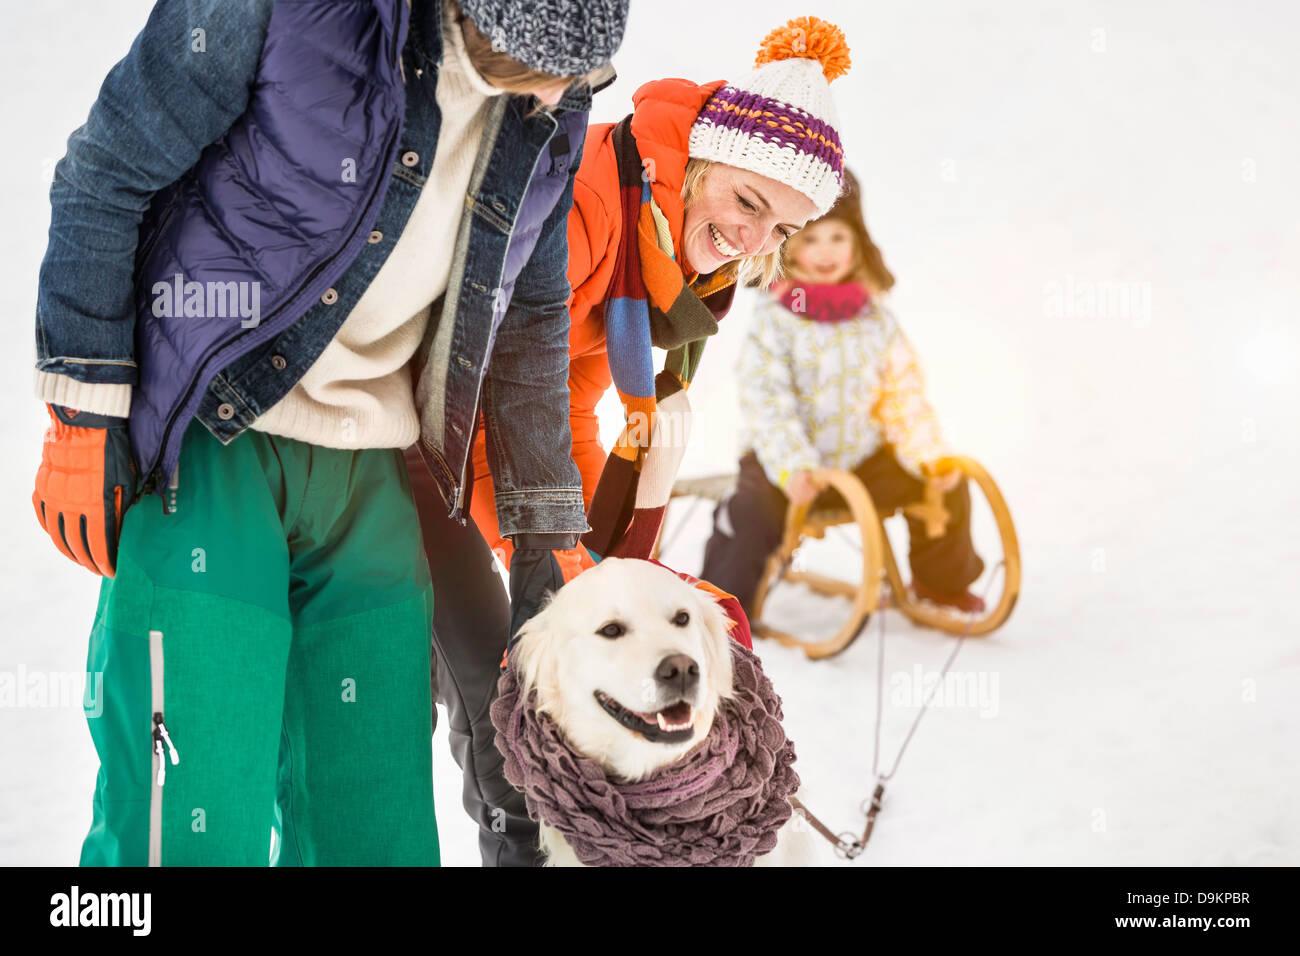 Mann und Frau mit Hund, Tochter im Hintergrund auf Schlitten Stockbild